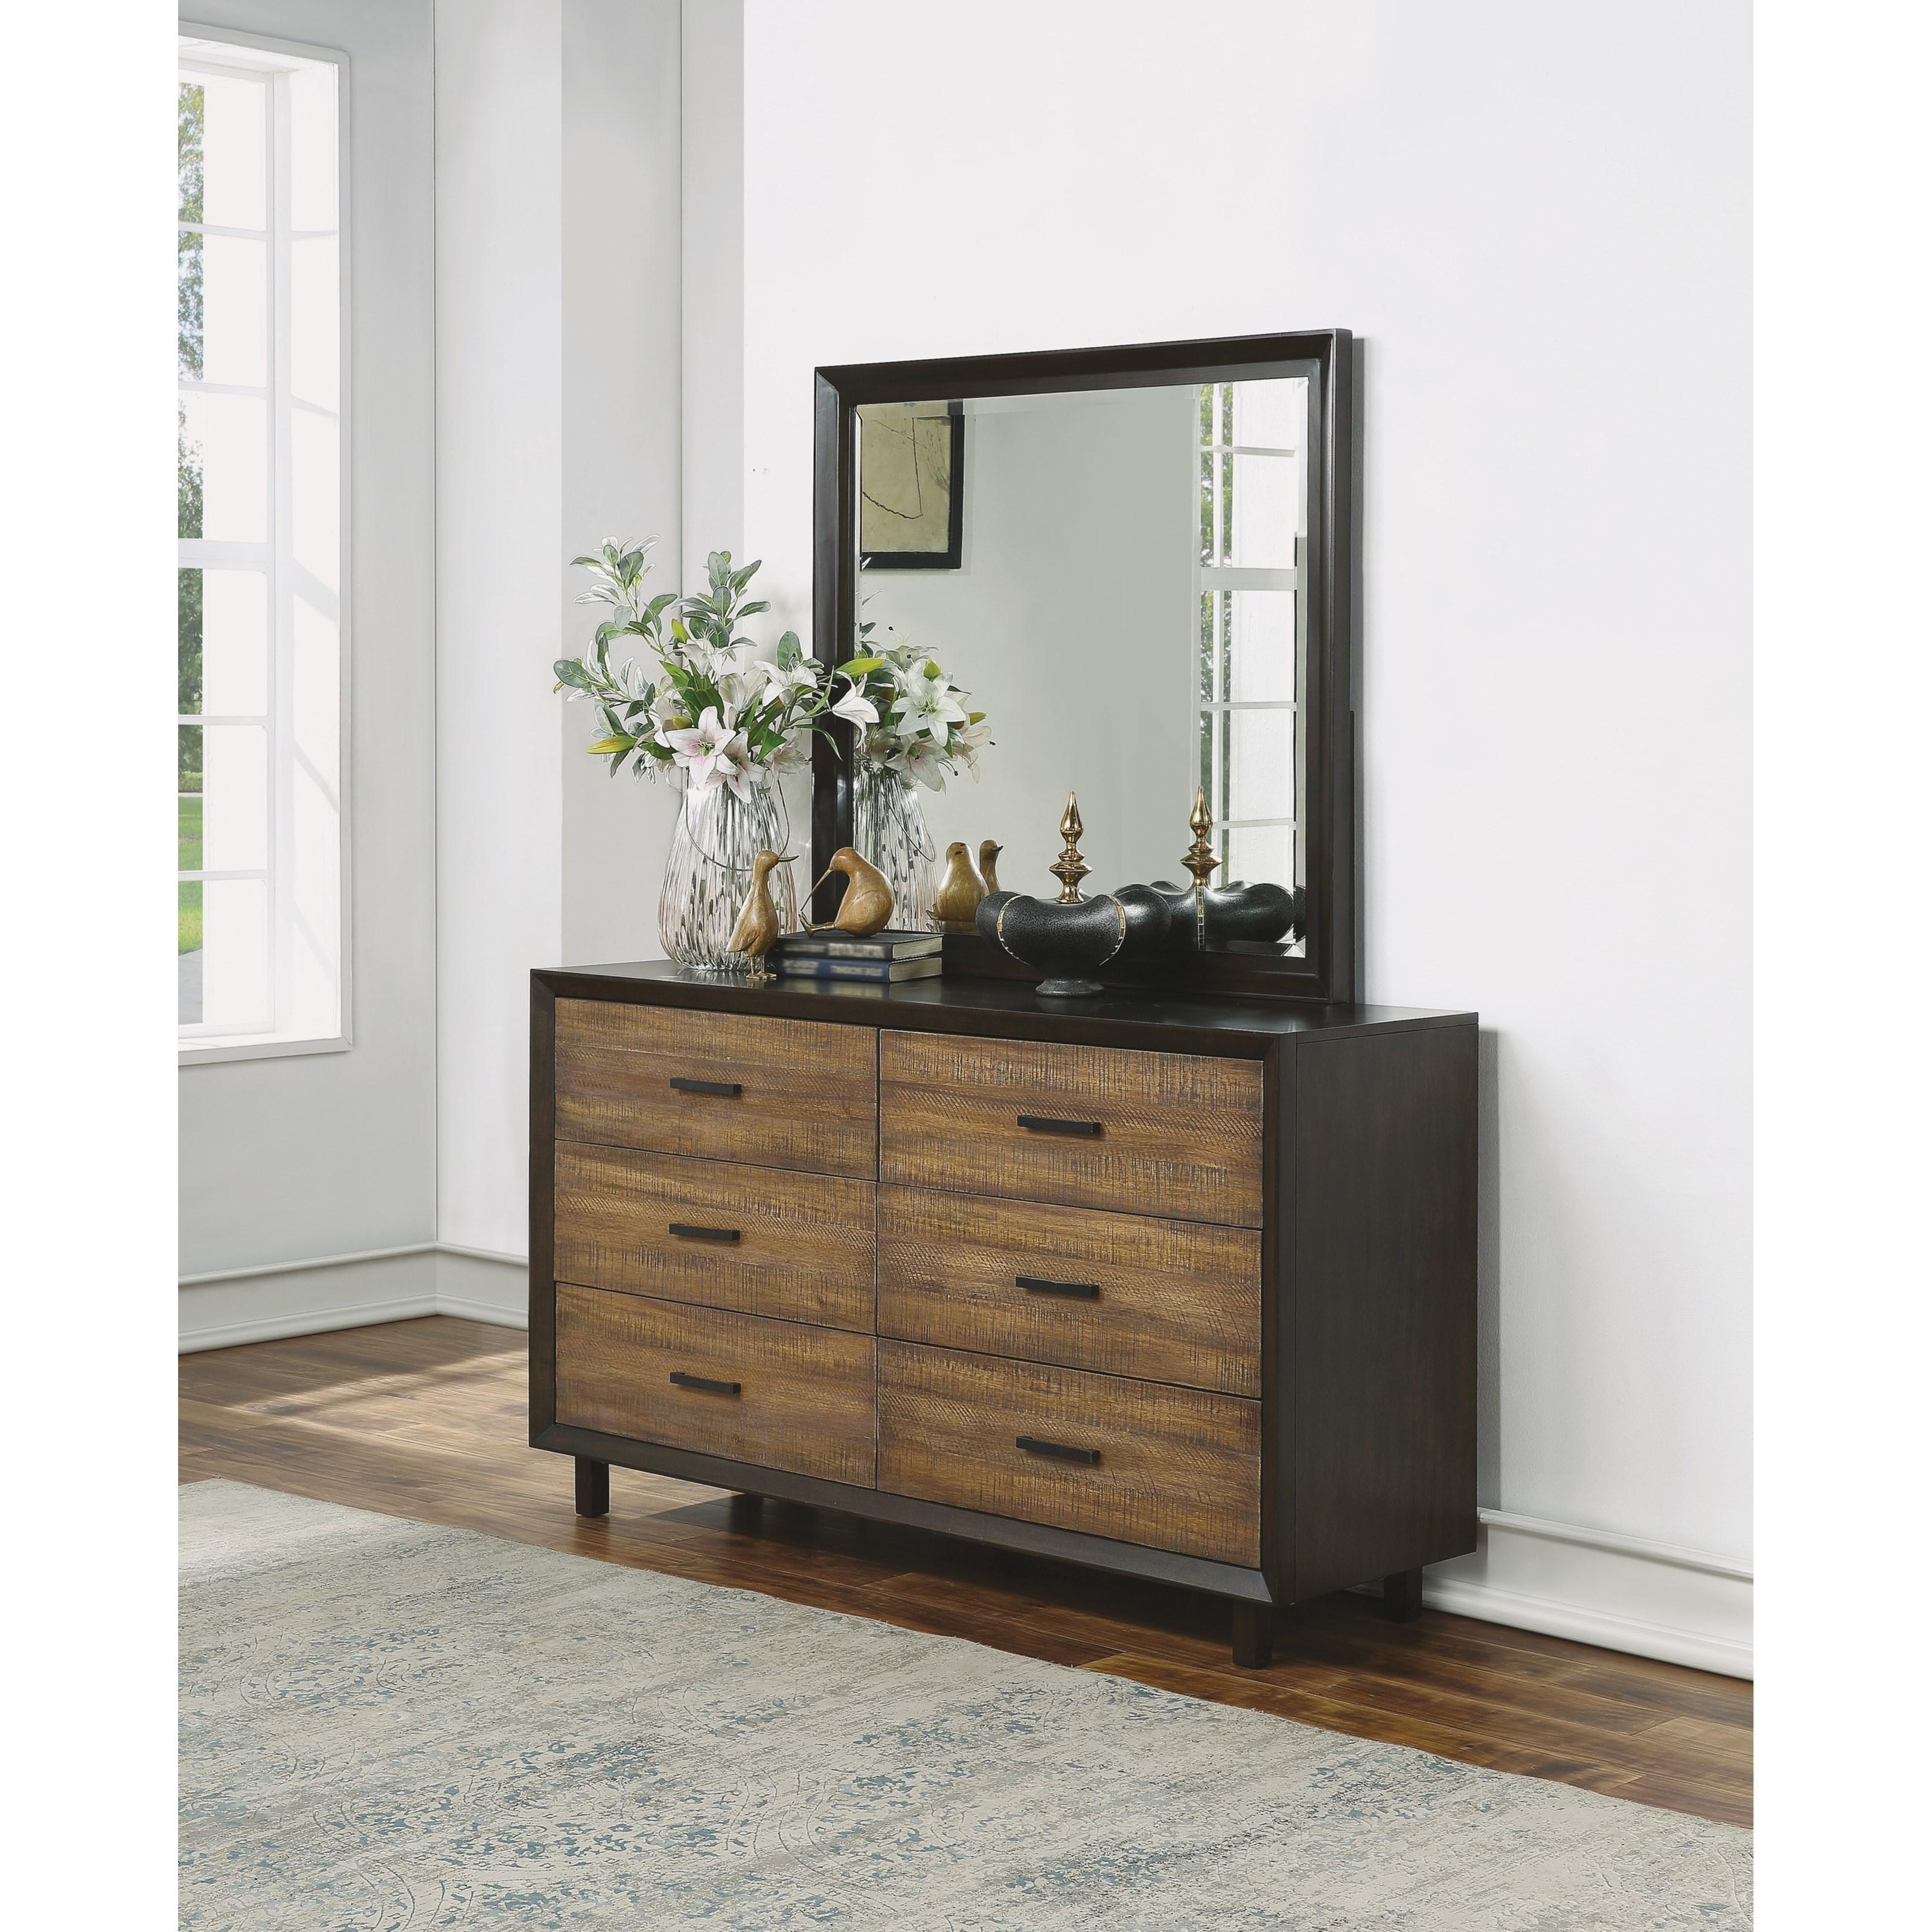 Viking Dresser & Dresser Mirror by Flexsteel at Crowley Furniture & Mattress